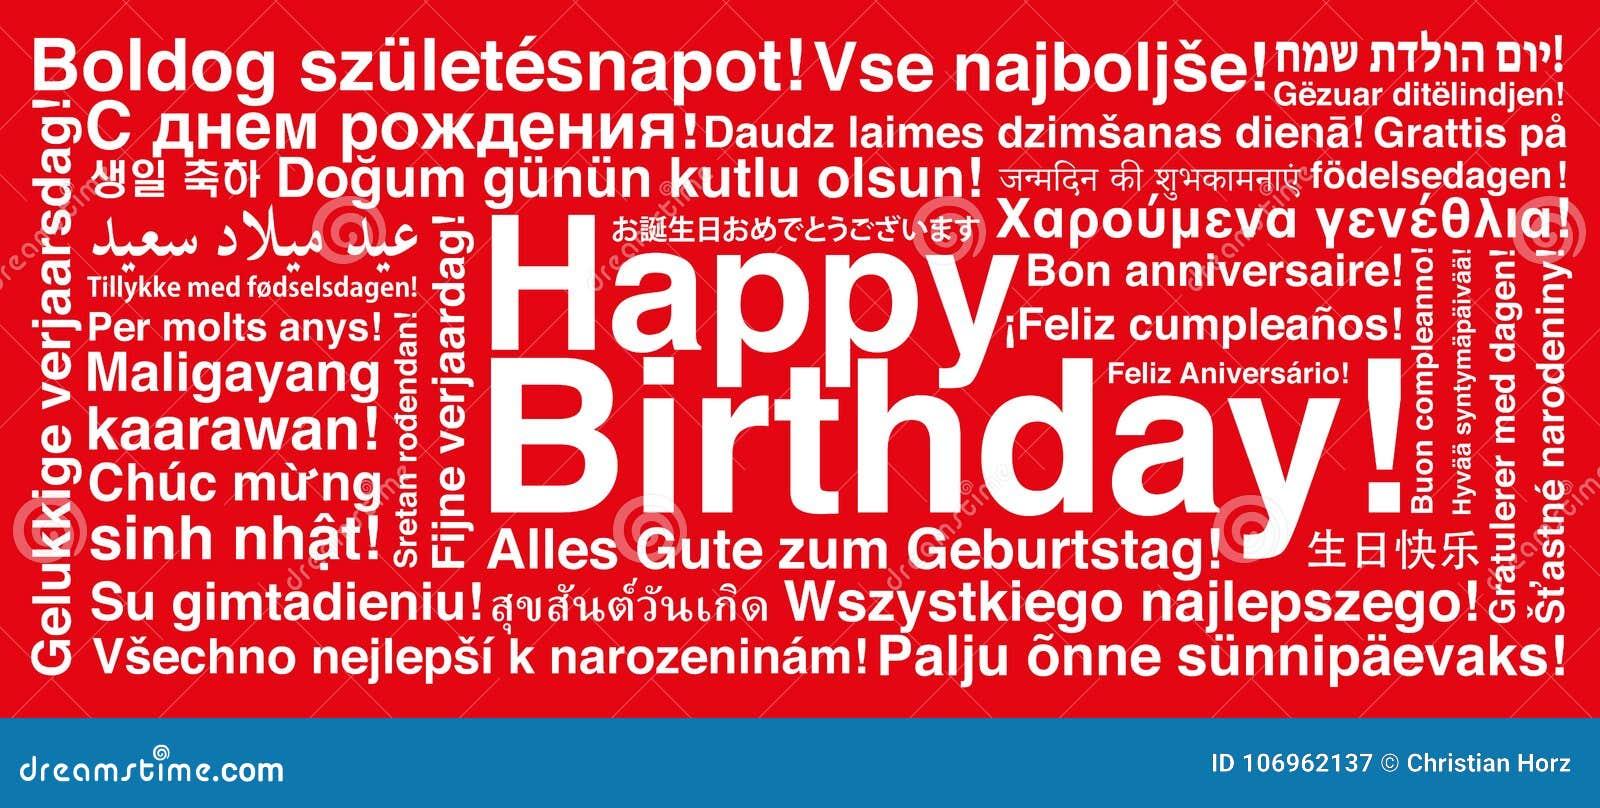 Открытки с днем рождения на разных языках мира